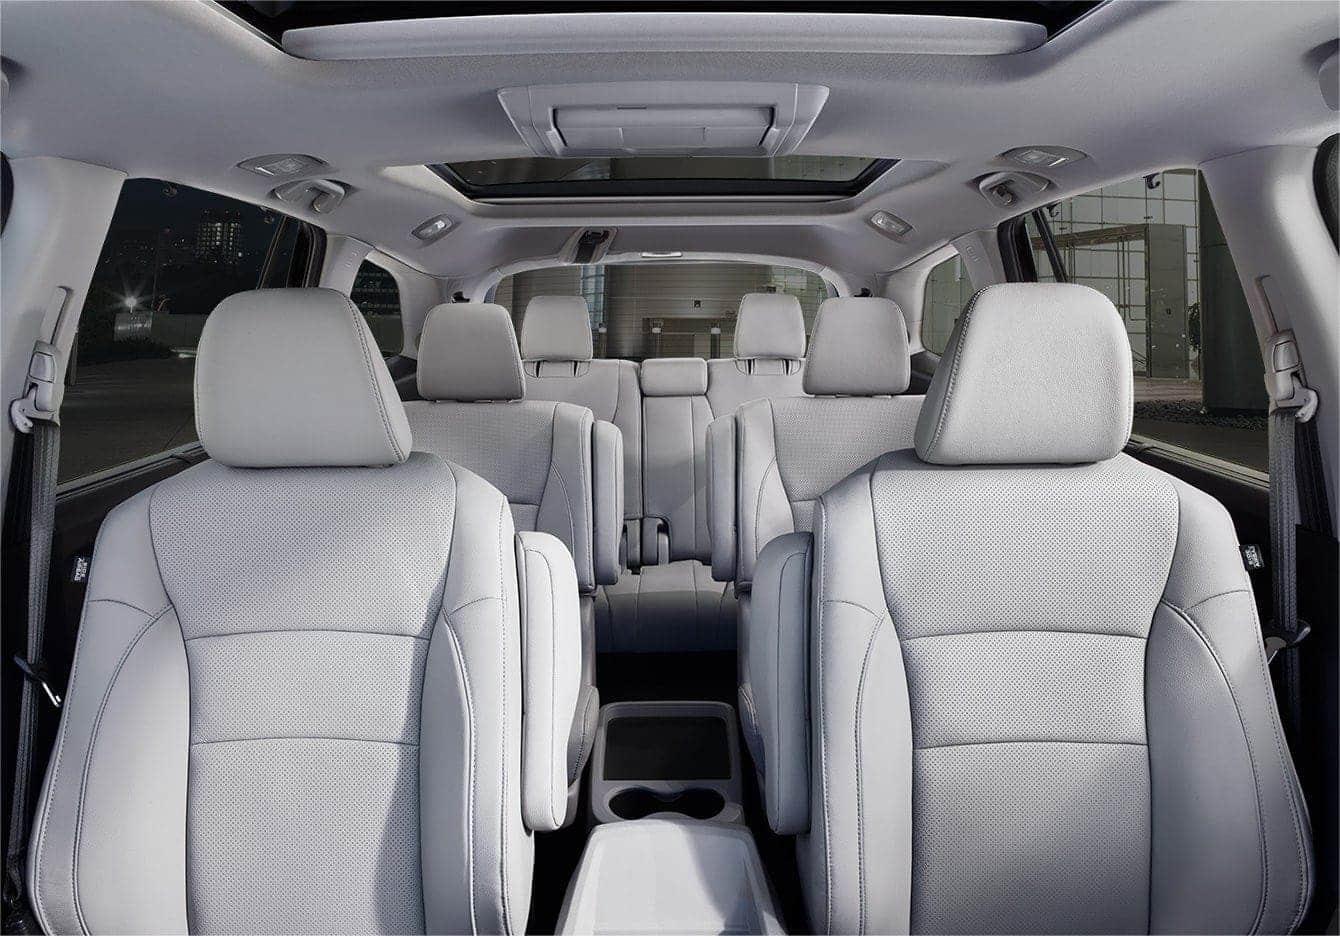 La Honda Pilot 2019 tiene espacio para muchos pasajeros.